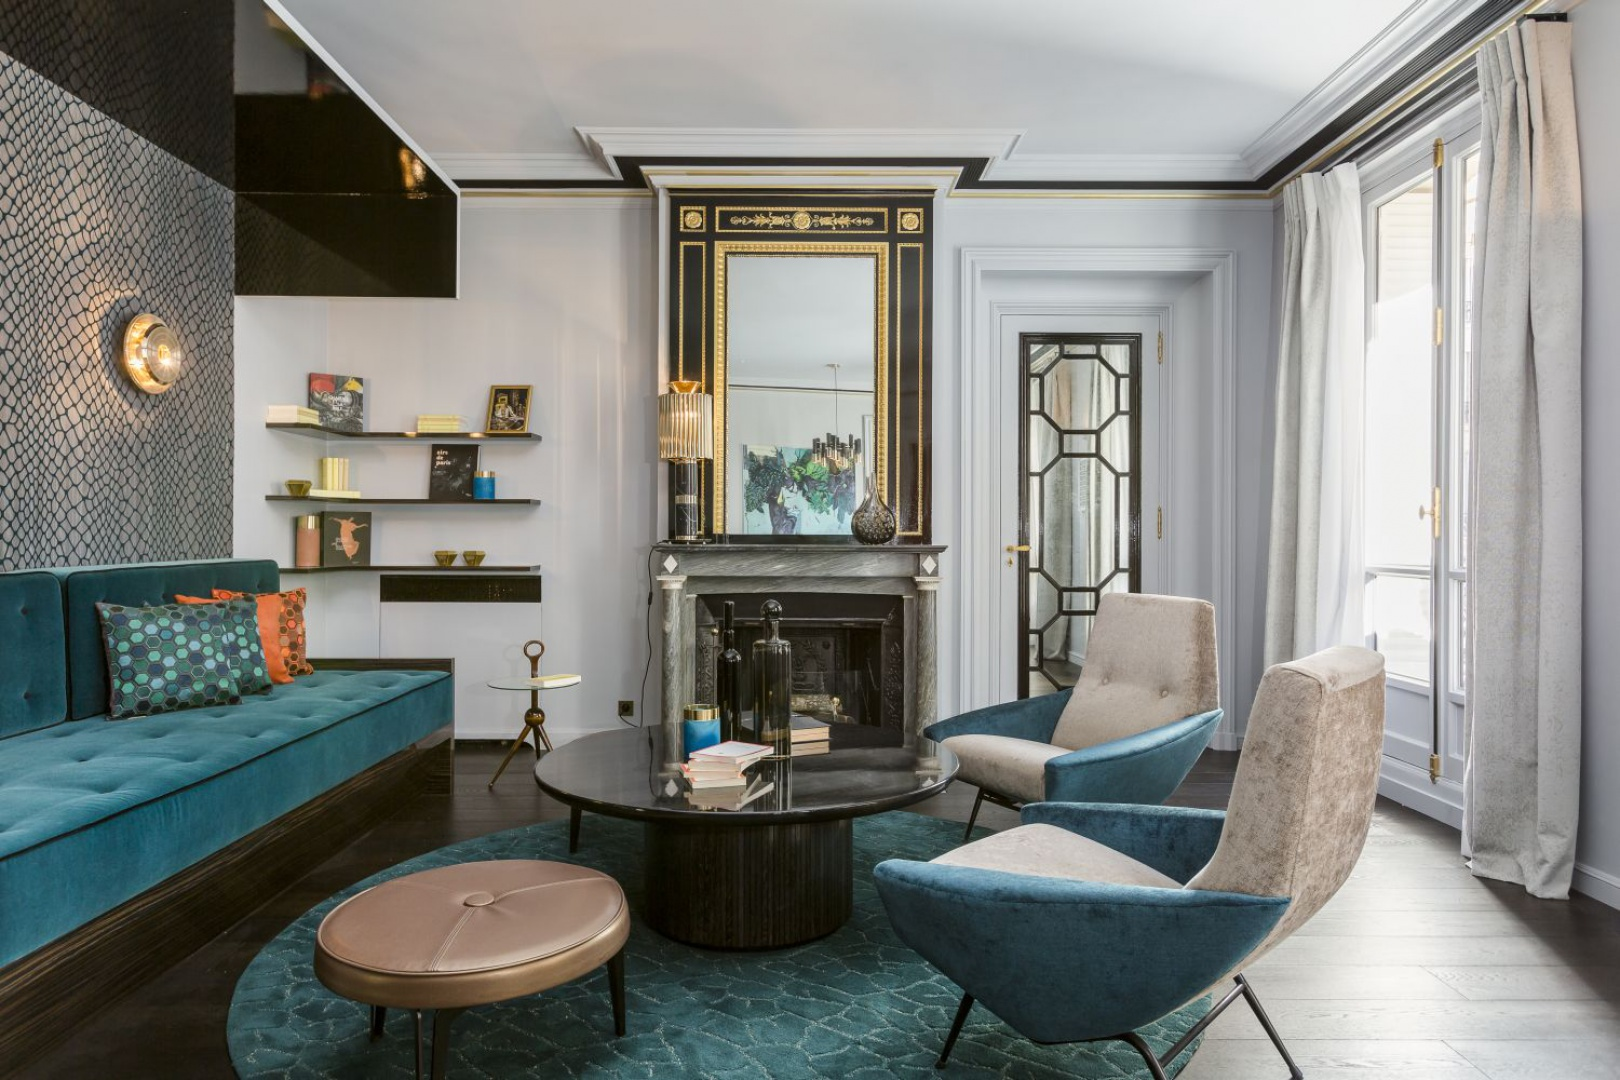 W salonie wzrok przyciąga kominek z lustrem w pięknej, czarno-złotej ramie nad paleniskiem.  Projekt: Gerard Faivre Paris.